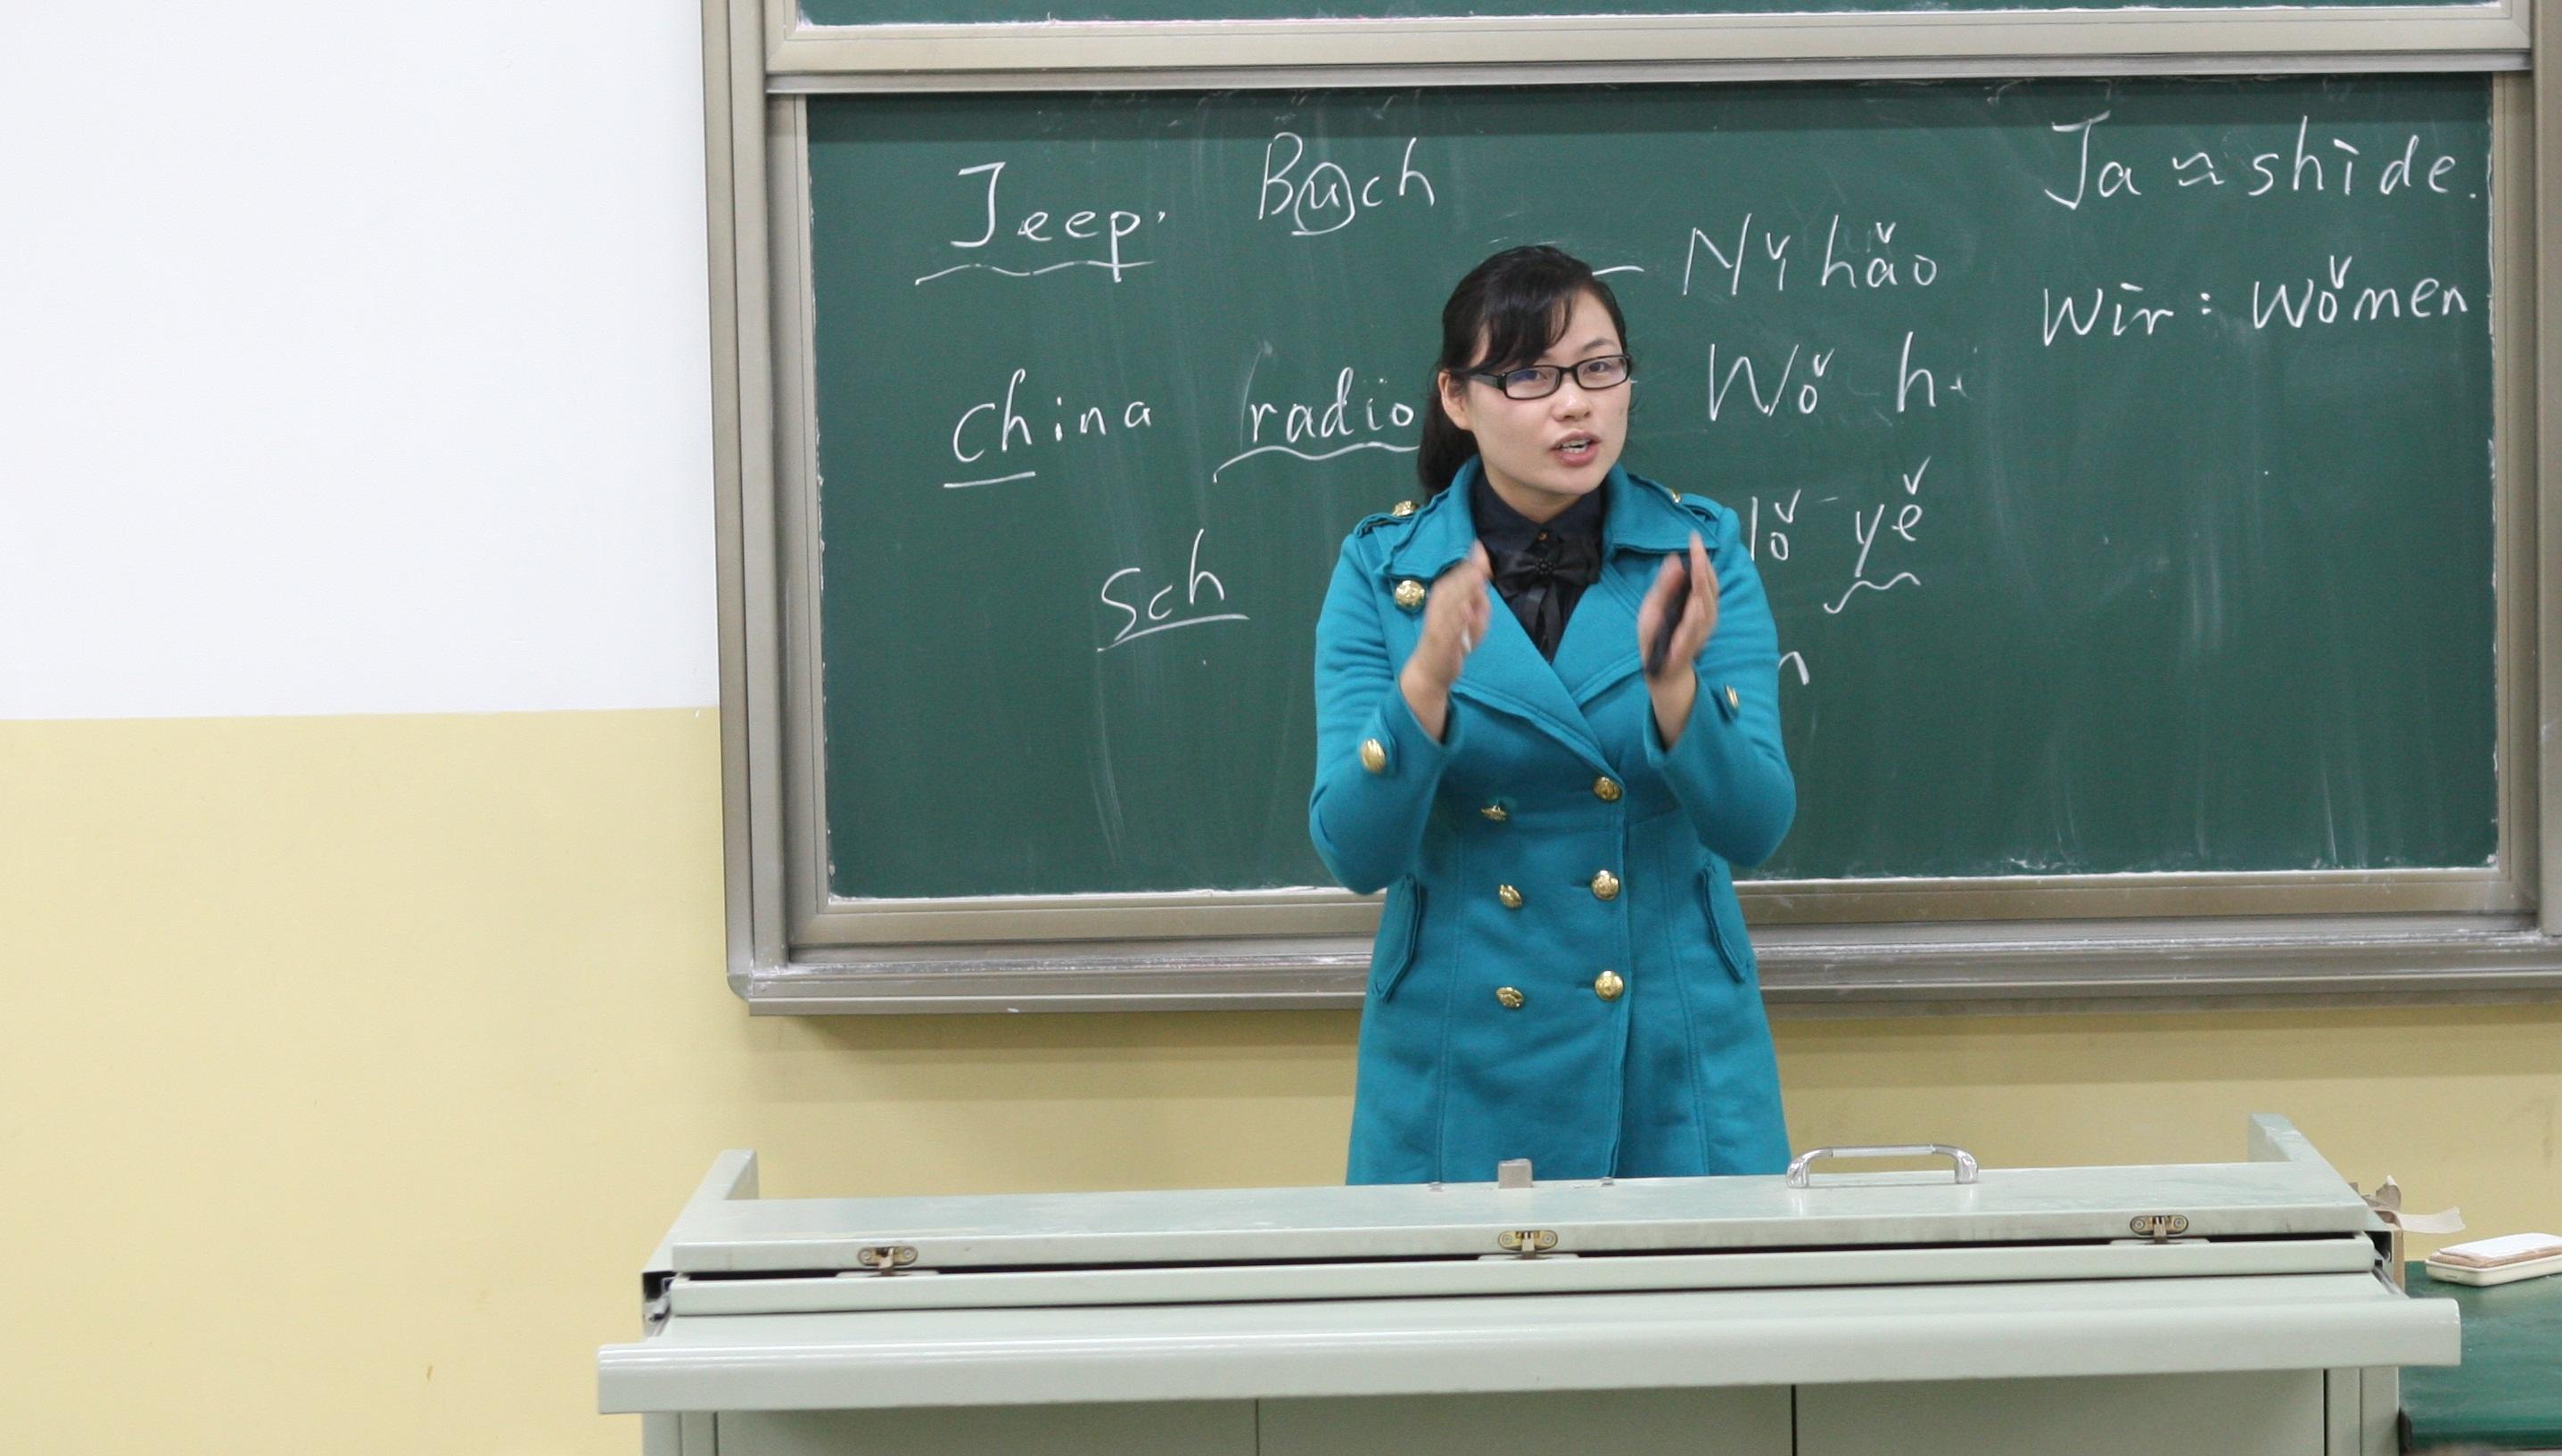 Sprache des Monats: Chinesisch